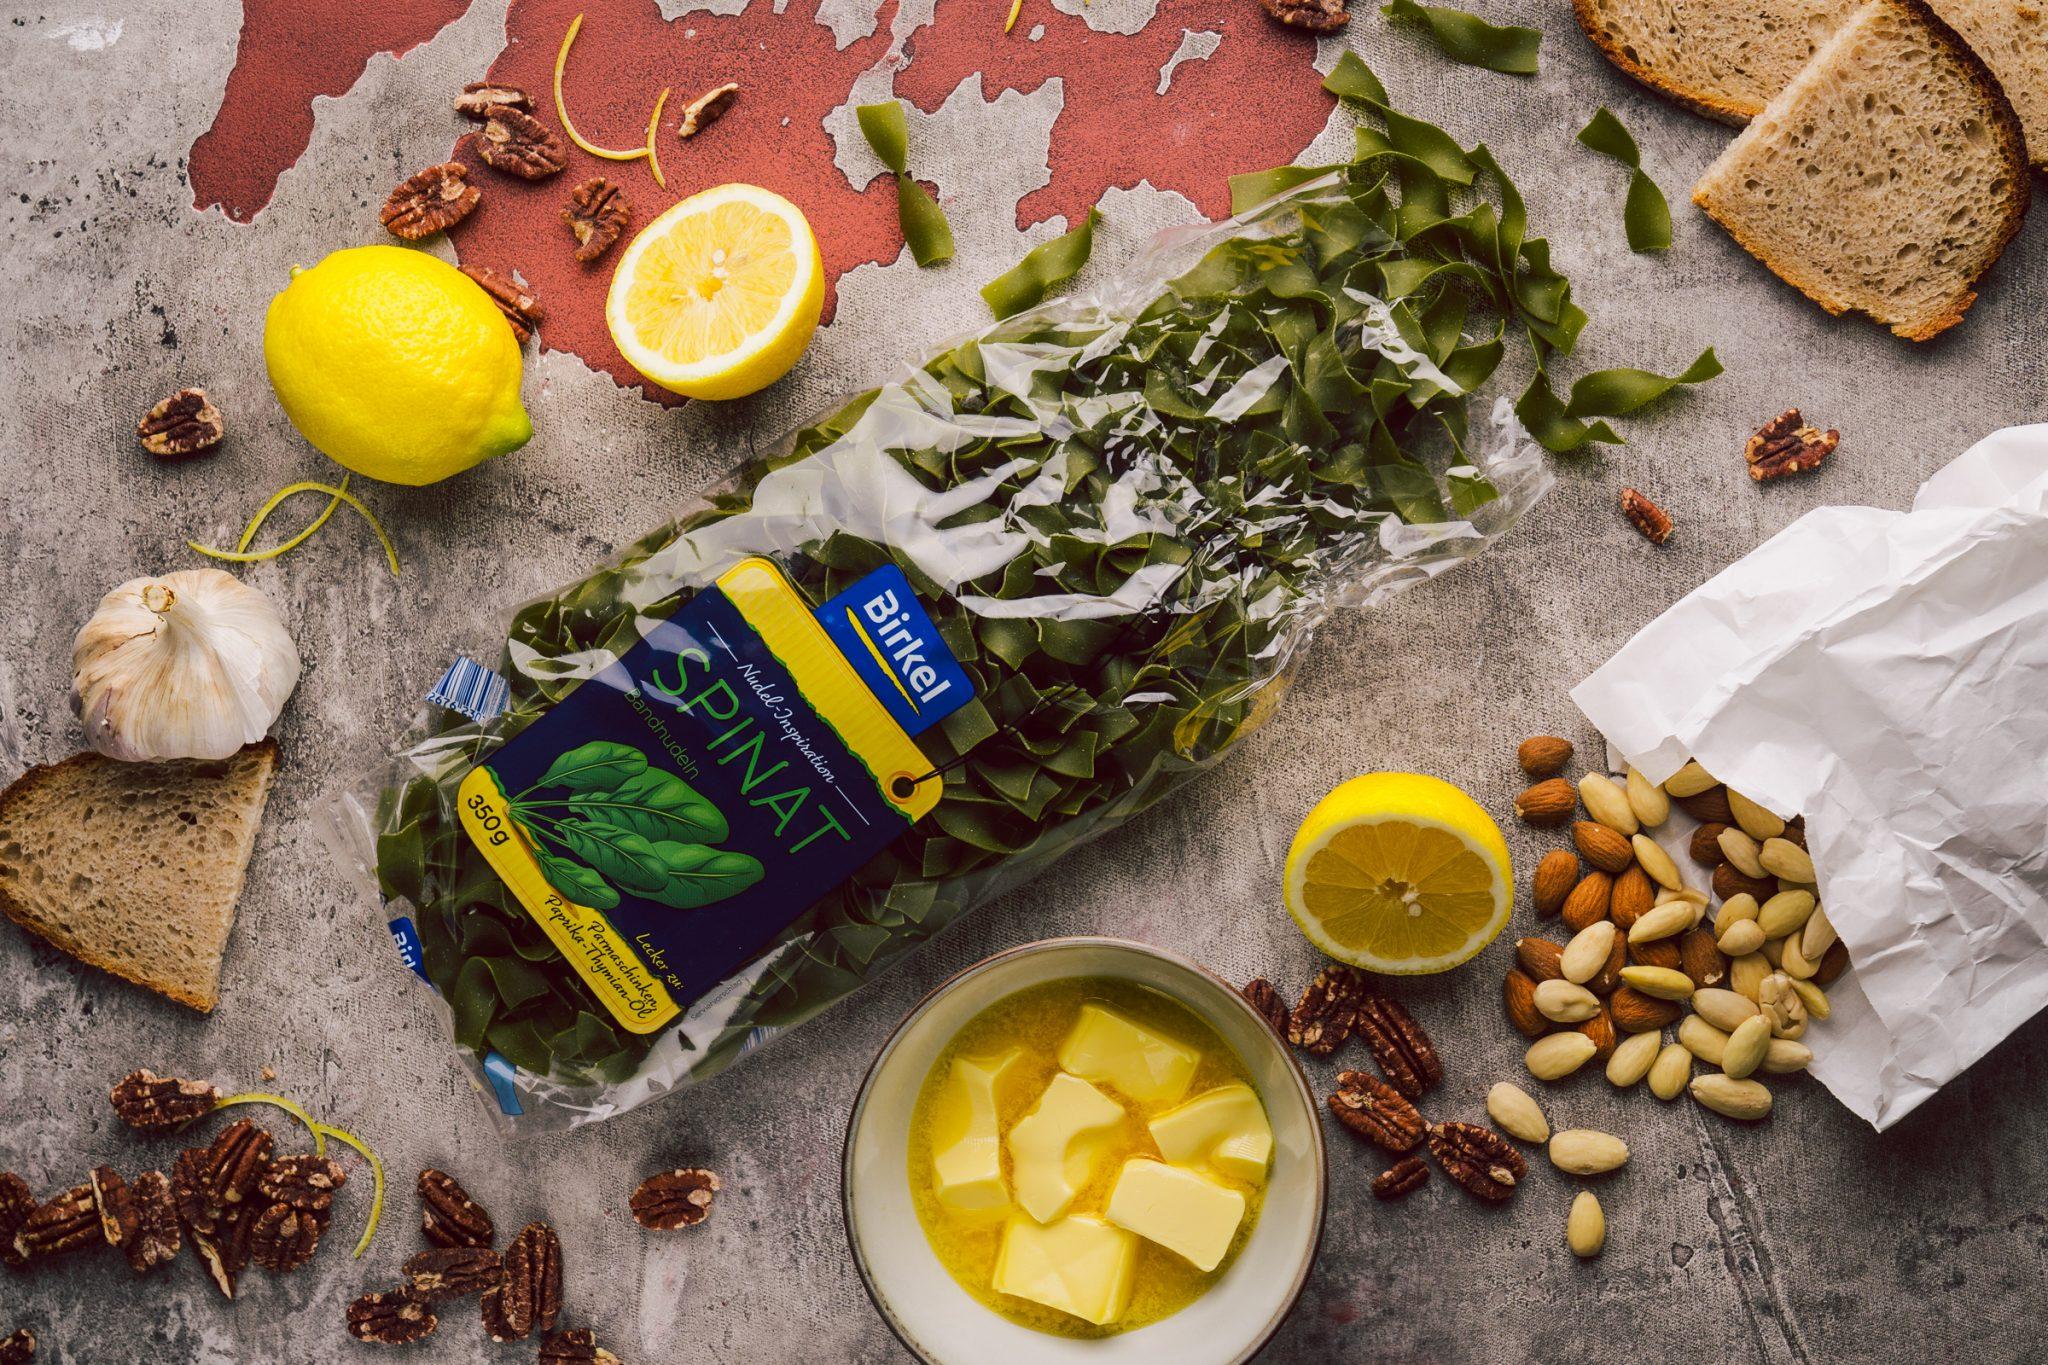 Rezept für grüne Bandnudeln in Zitronenbutter mit Nuss-Brot-Crunch. Vegetarisch, lecker und schnell zubereitet. Perfekt für ein unkompliziertes Lunch.